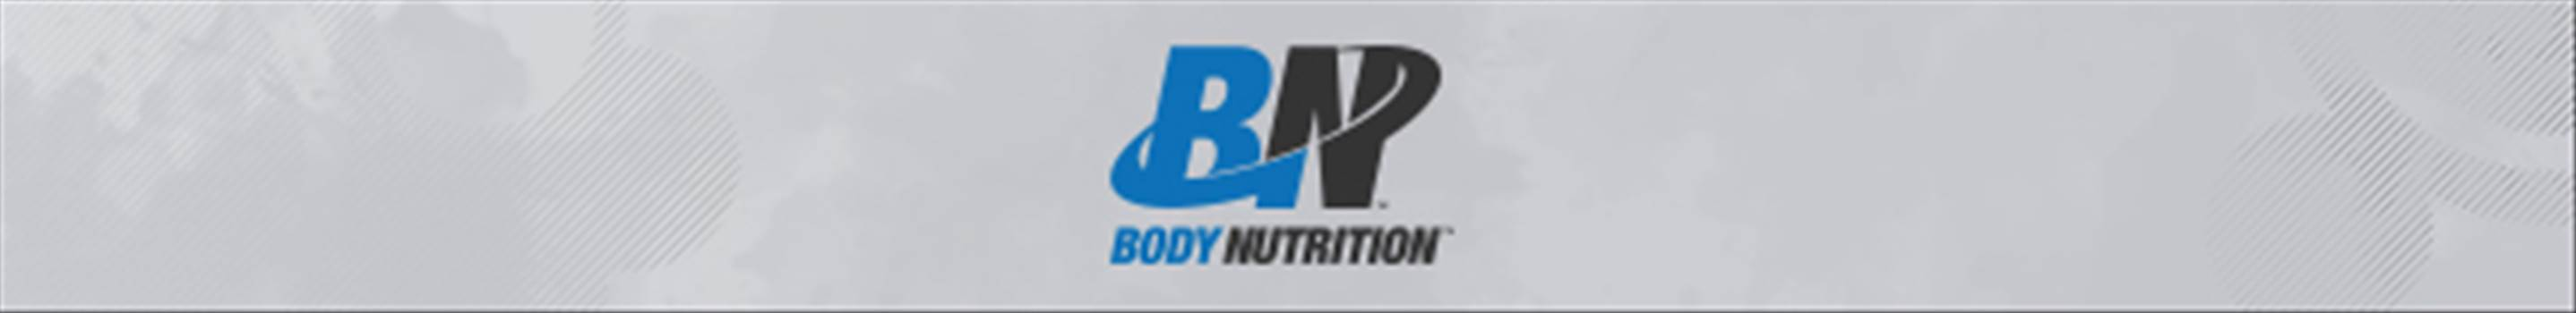 bn1b.jpg -